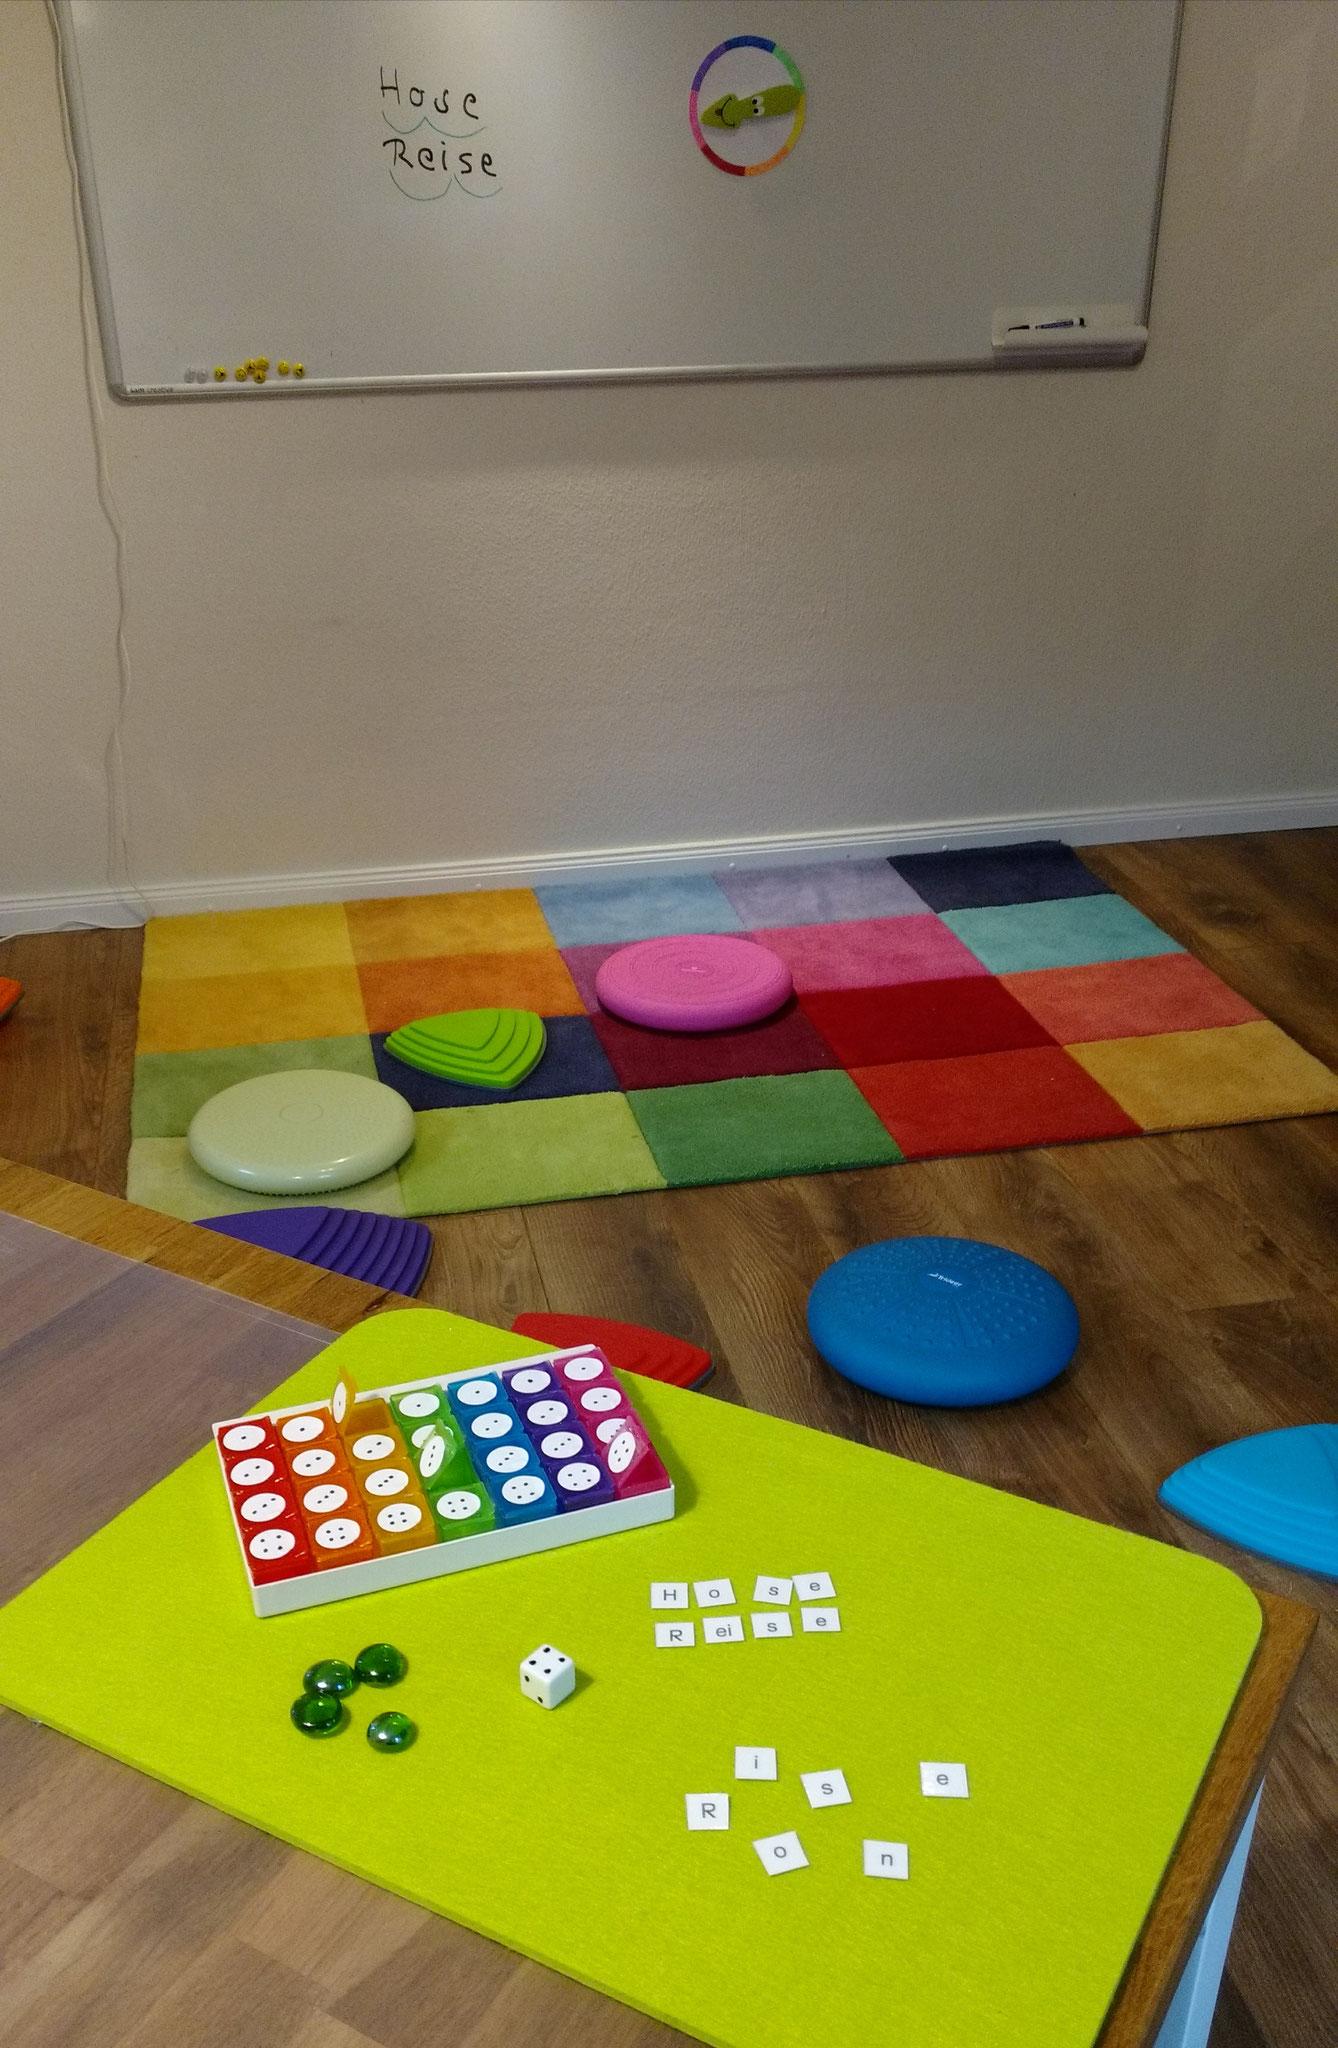 Spiele, Spiele, Spiele!!! Kostengünstige Ideen - auch für zuhause.